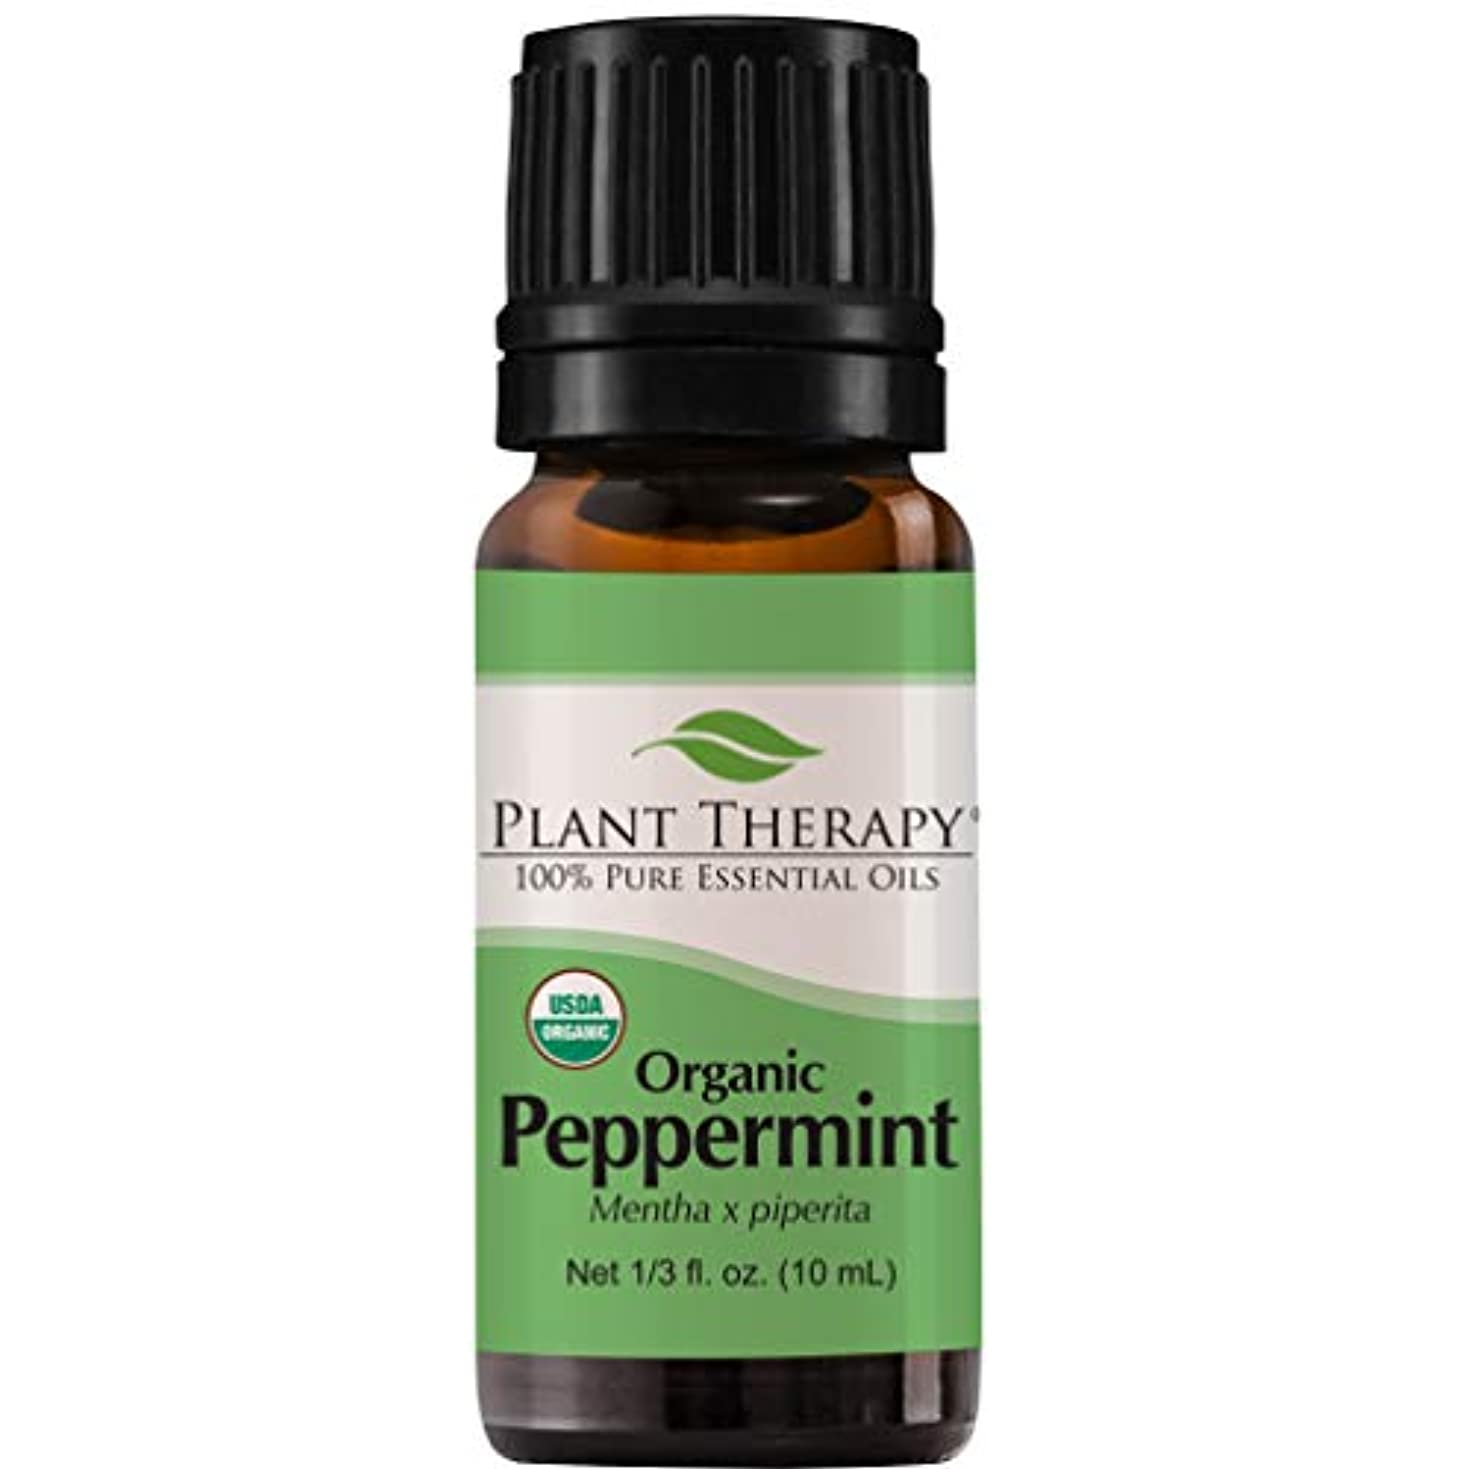 ロッカー蒸発する好むPlant Therapy Essential Oils (プラントセラピー エッセンシャルオイル) オーガニック ペパーミント エッセンシャルオイル